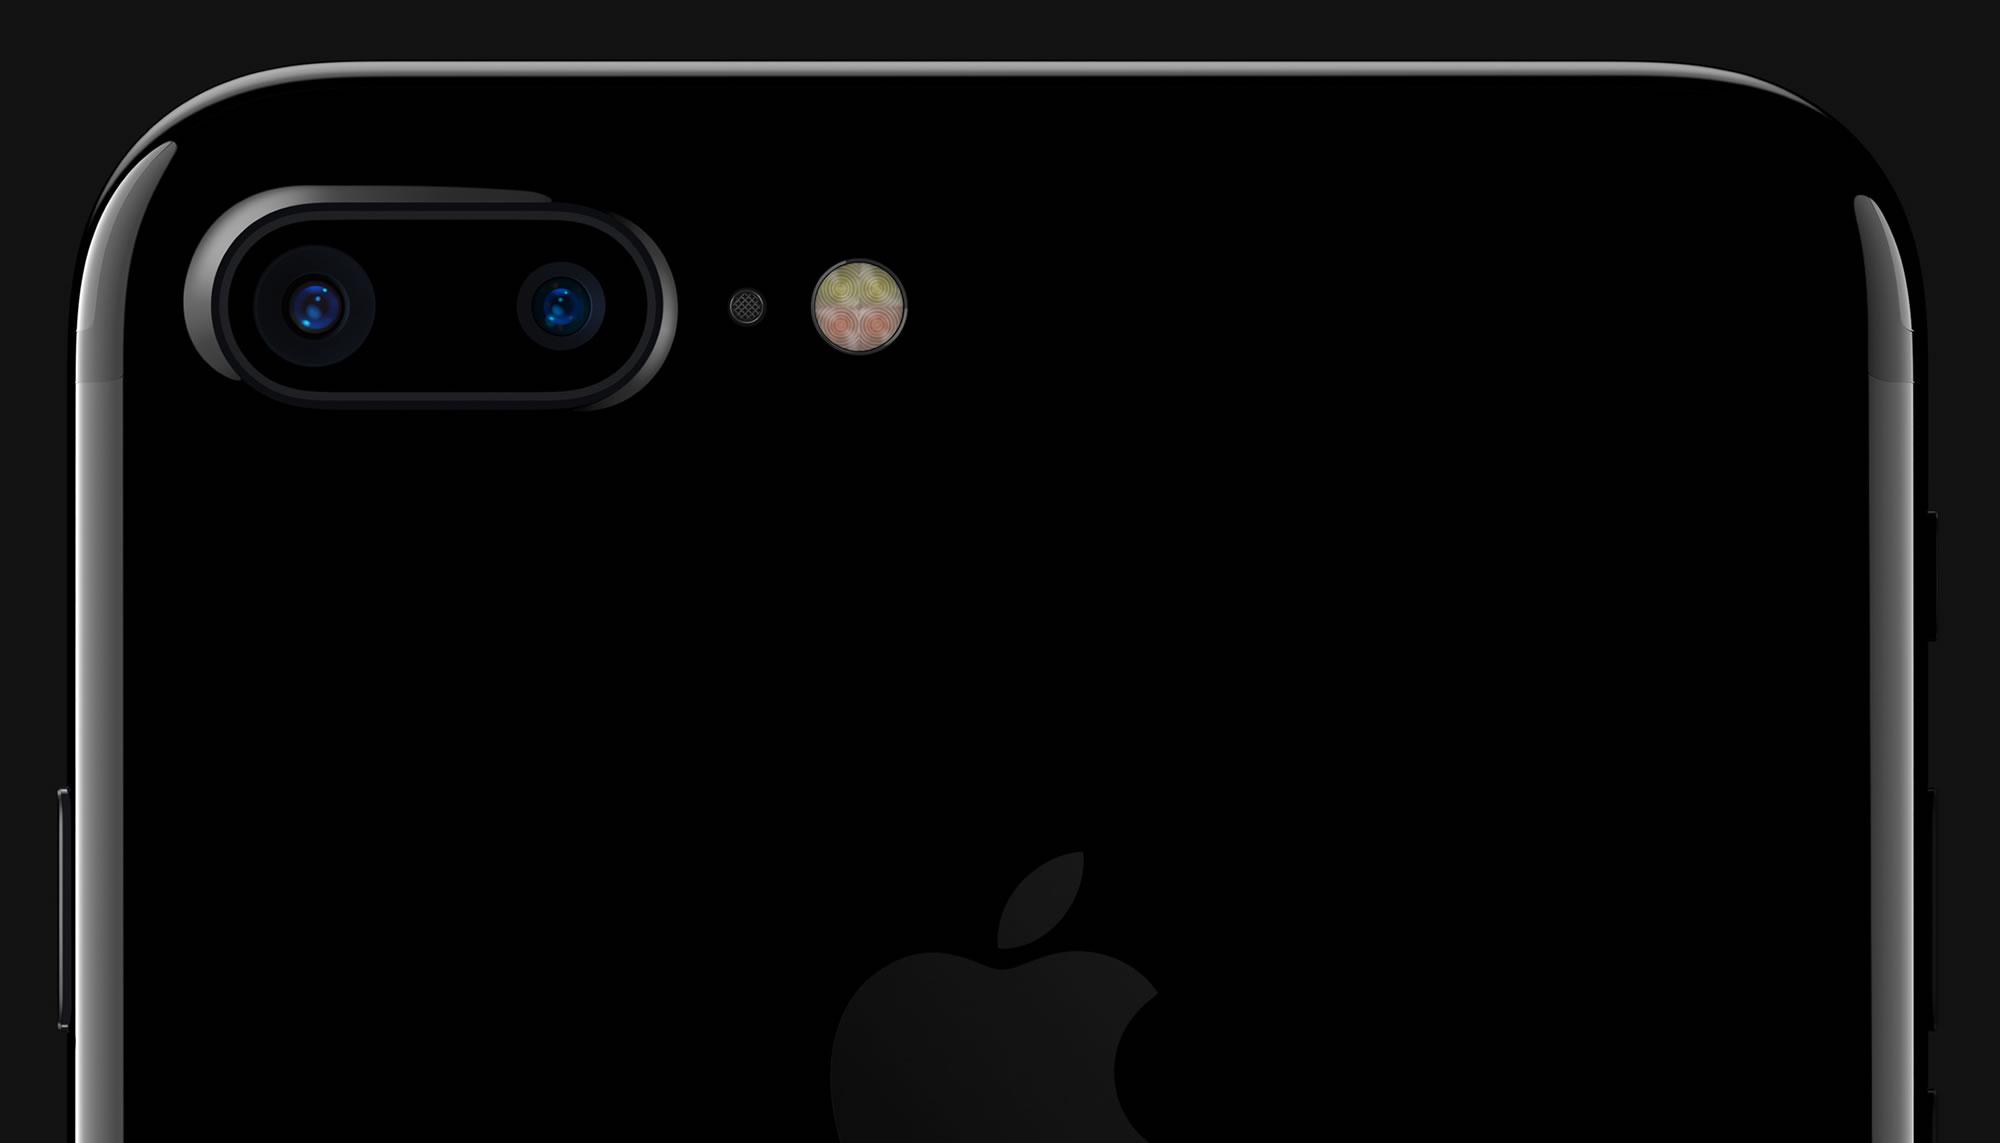 El iPhone 7 Plus viene con dos cámaras.